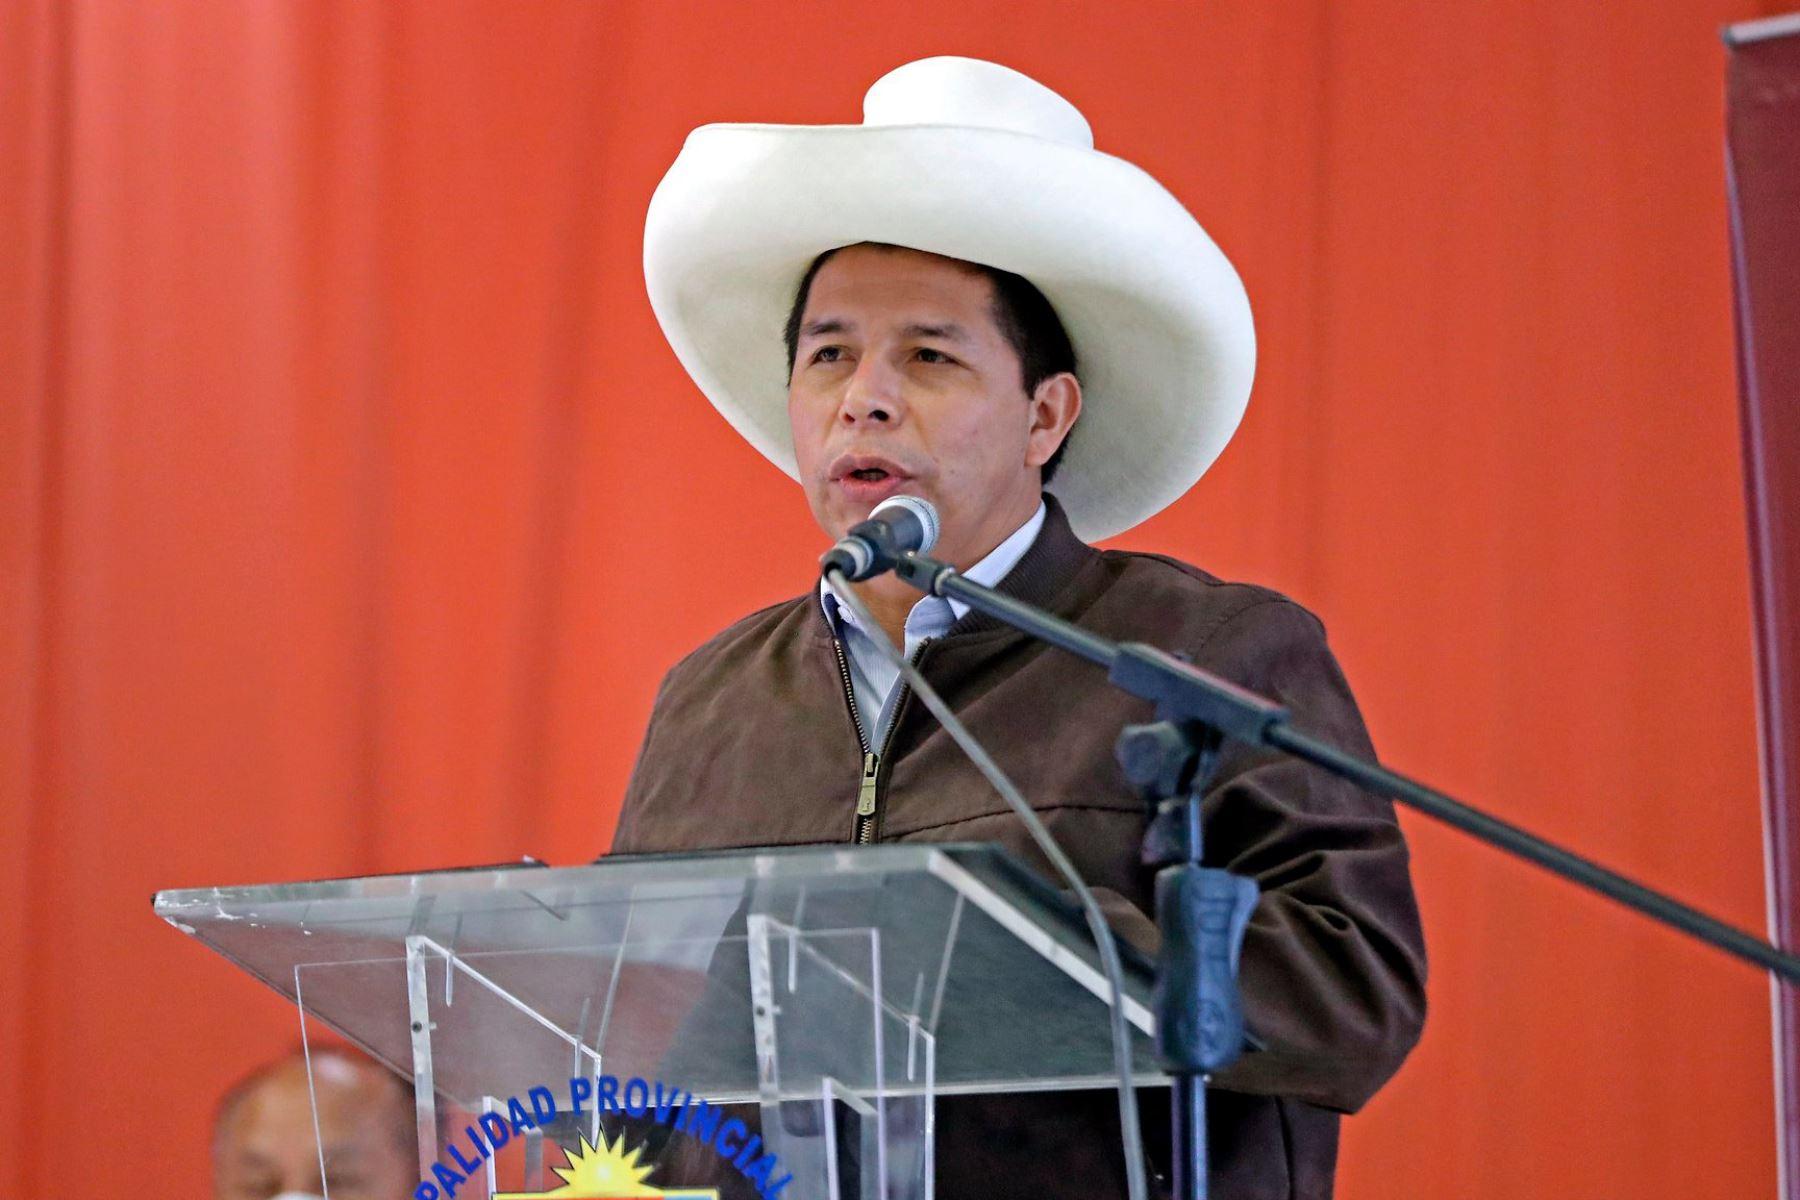 Presidente Castillo saluda a periodistas y reafirma compromiso con libertad de expresión